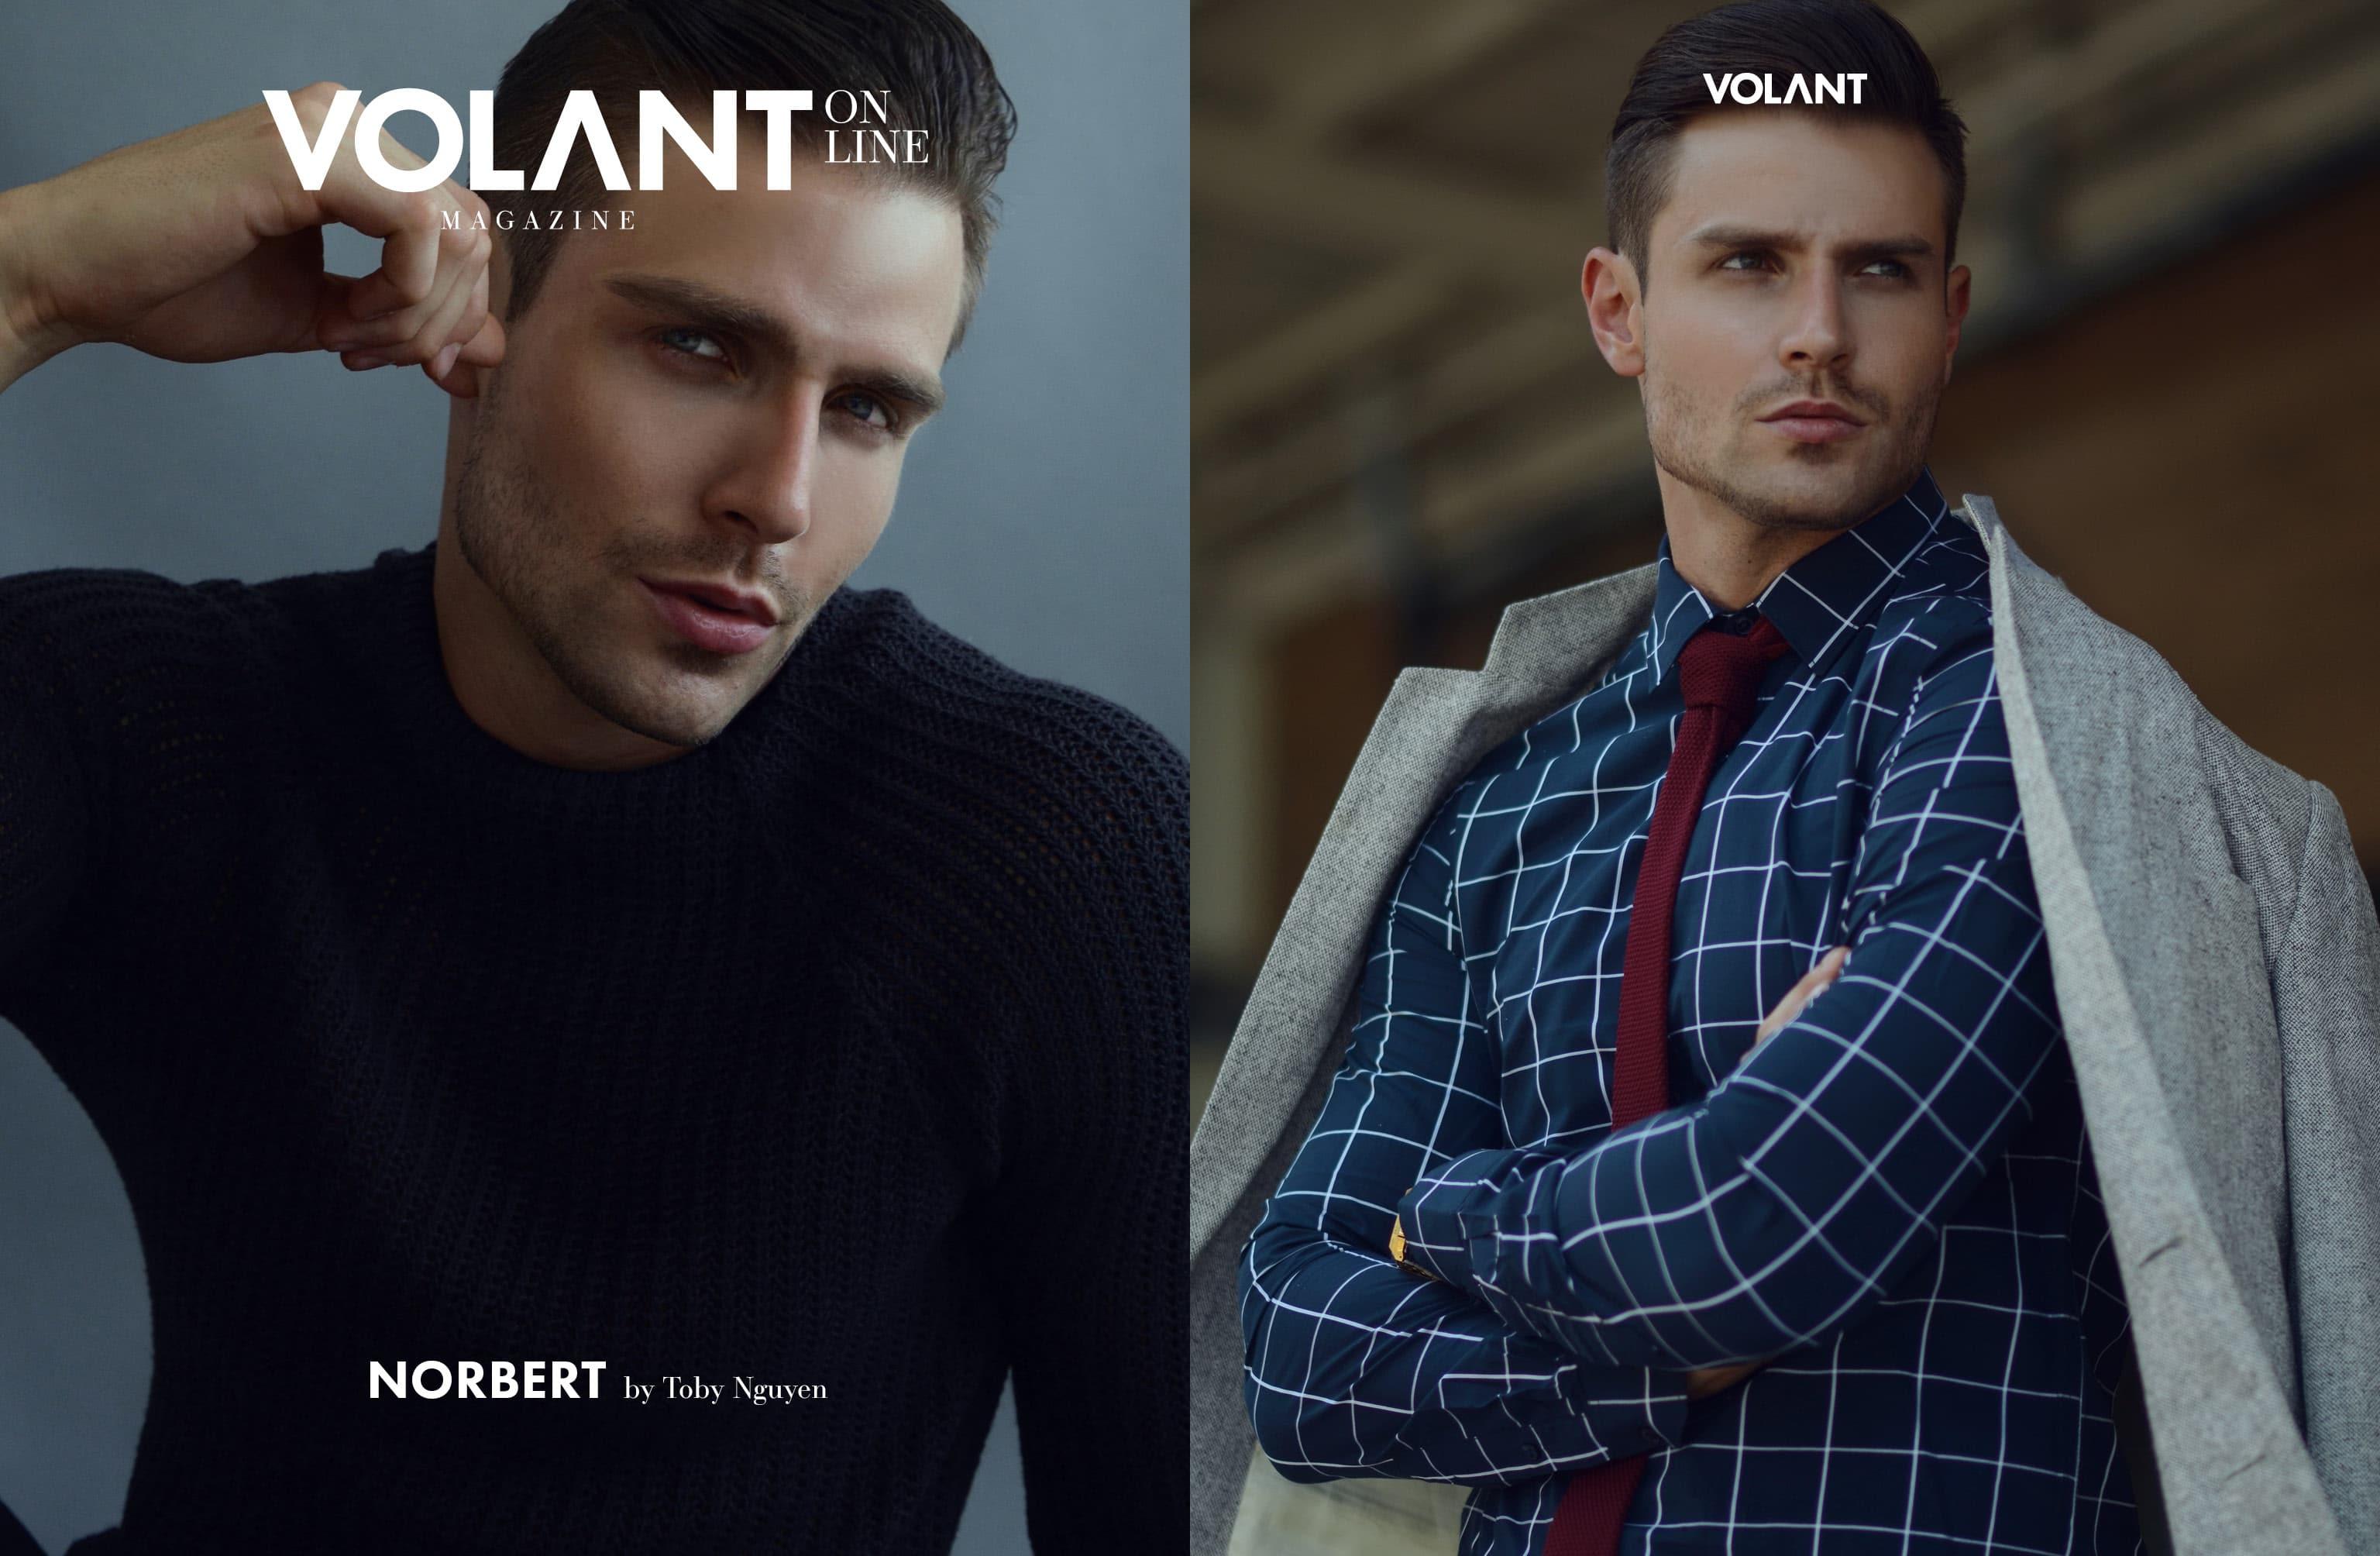 volant-webitorial-norbert